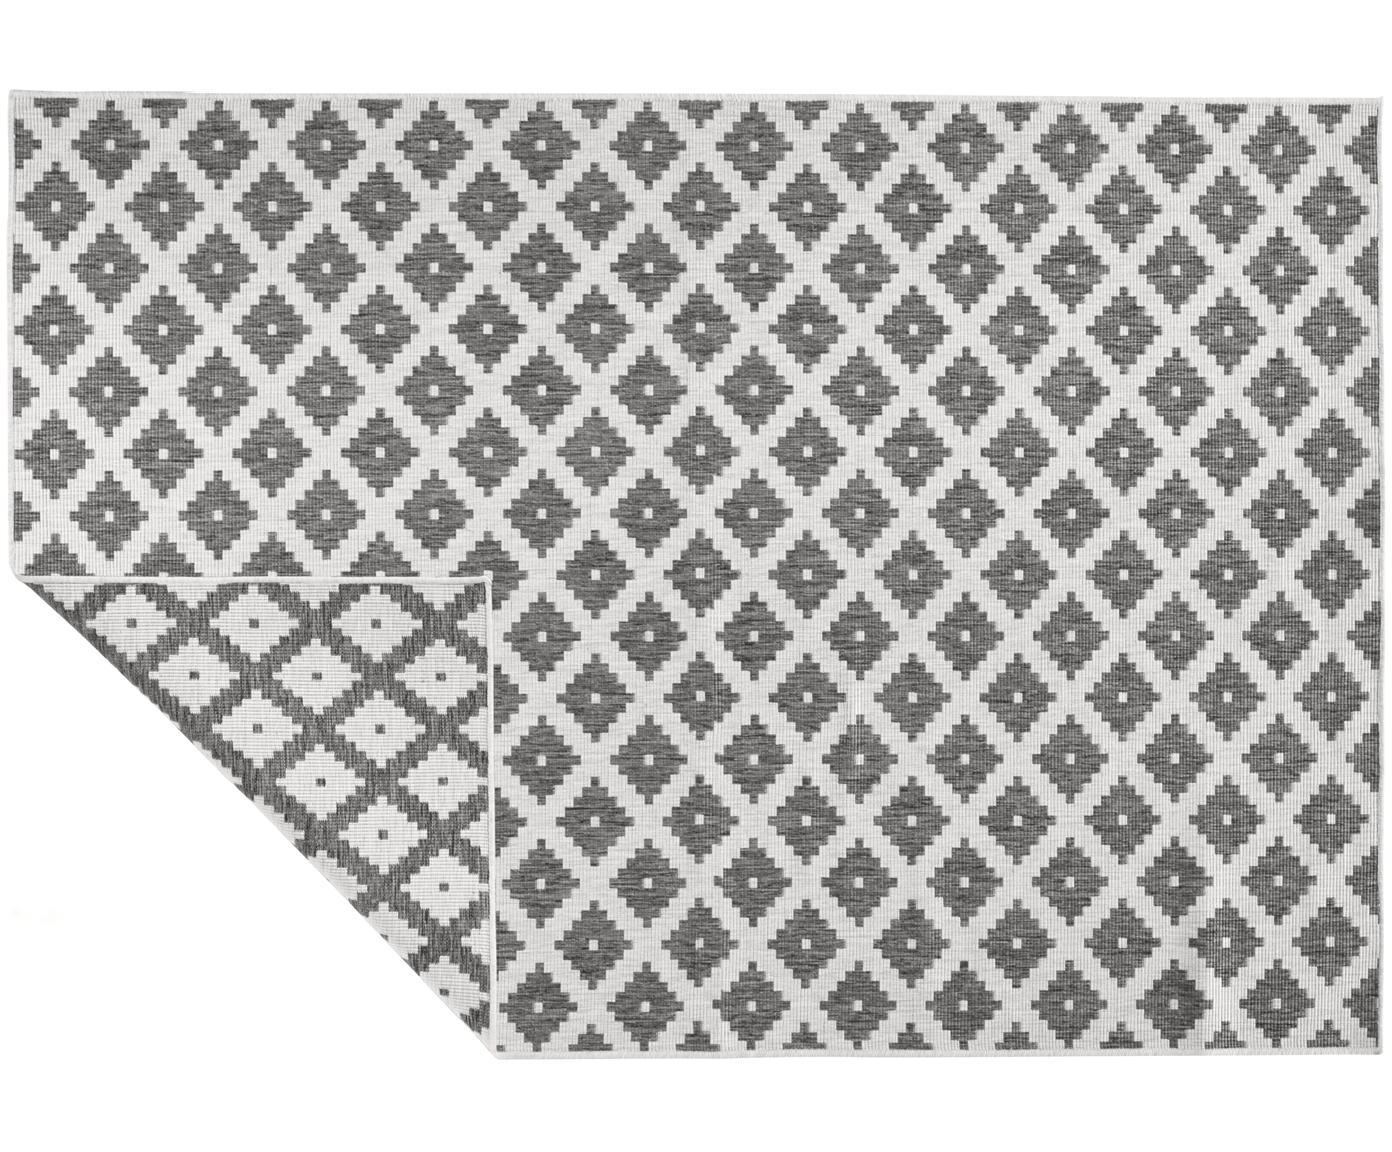 Vloerkleed Grace, Grijs, crèmekleurig, 200 x 290 cm